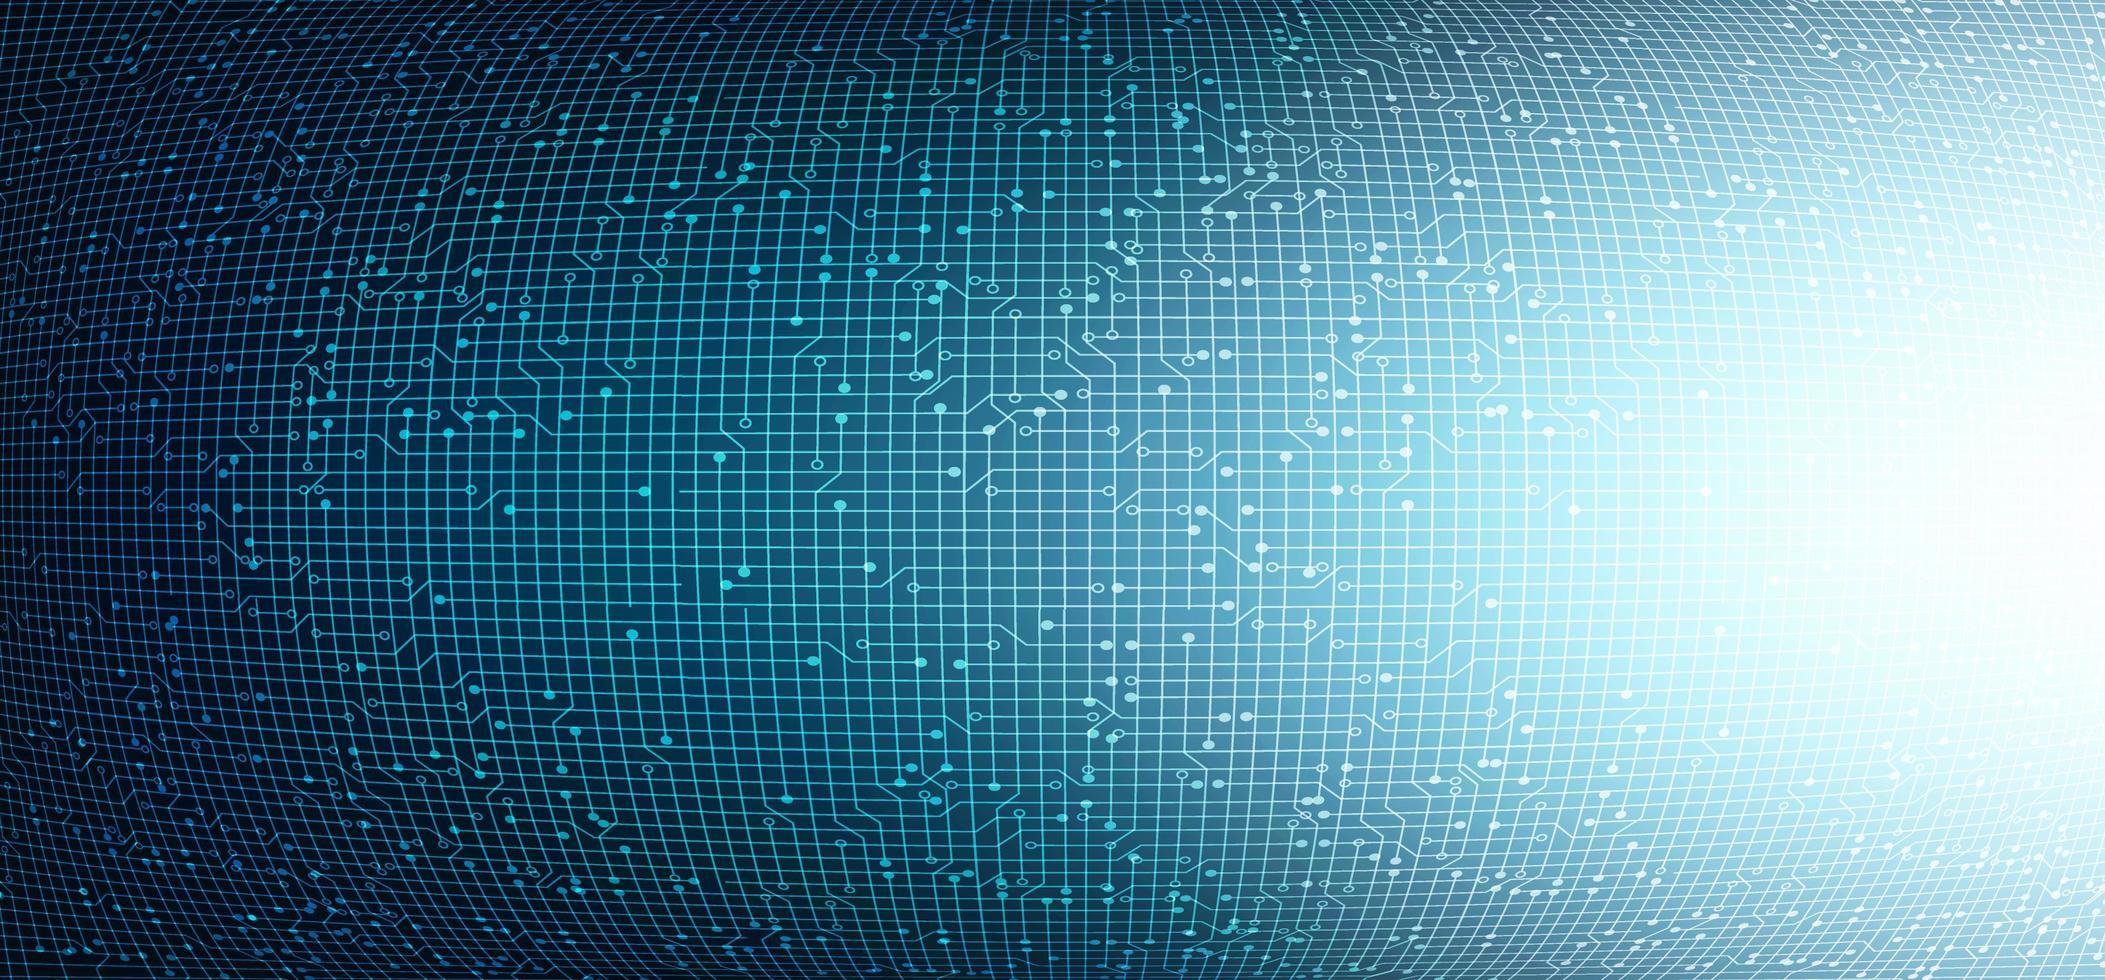 fondo di tecnologia del circuito della luce convessa, progettazione di concetto digitale e di rete hi-tech, illustrazione di vettore. vettore